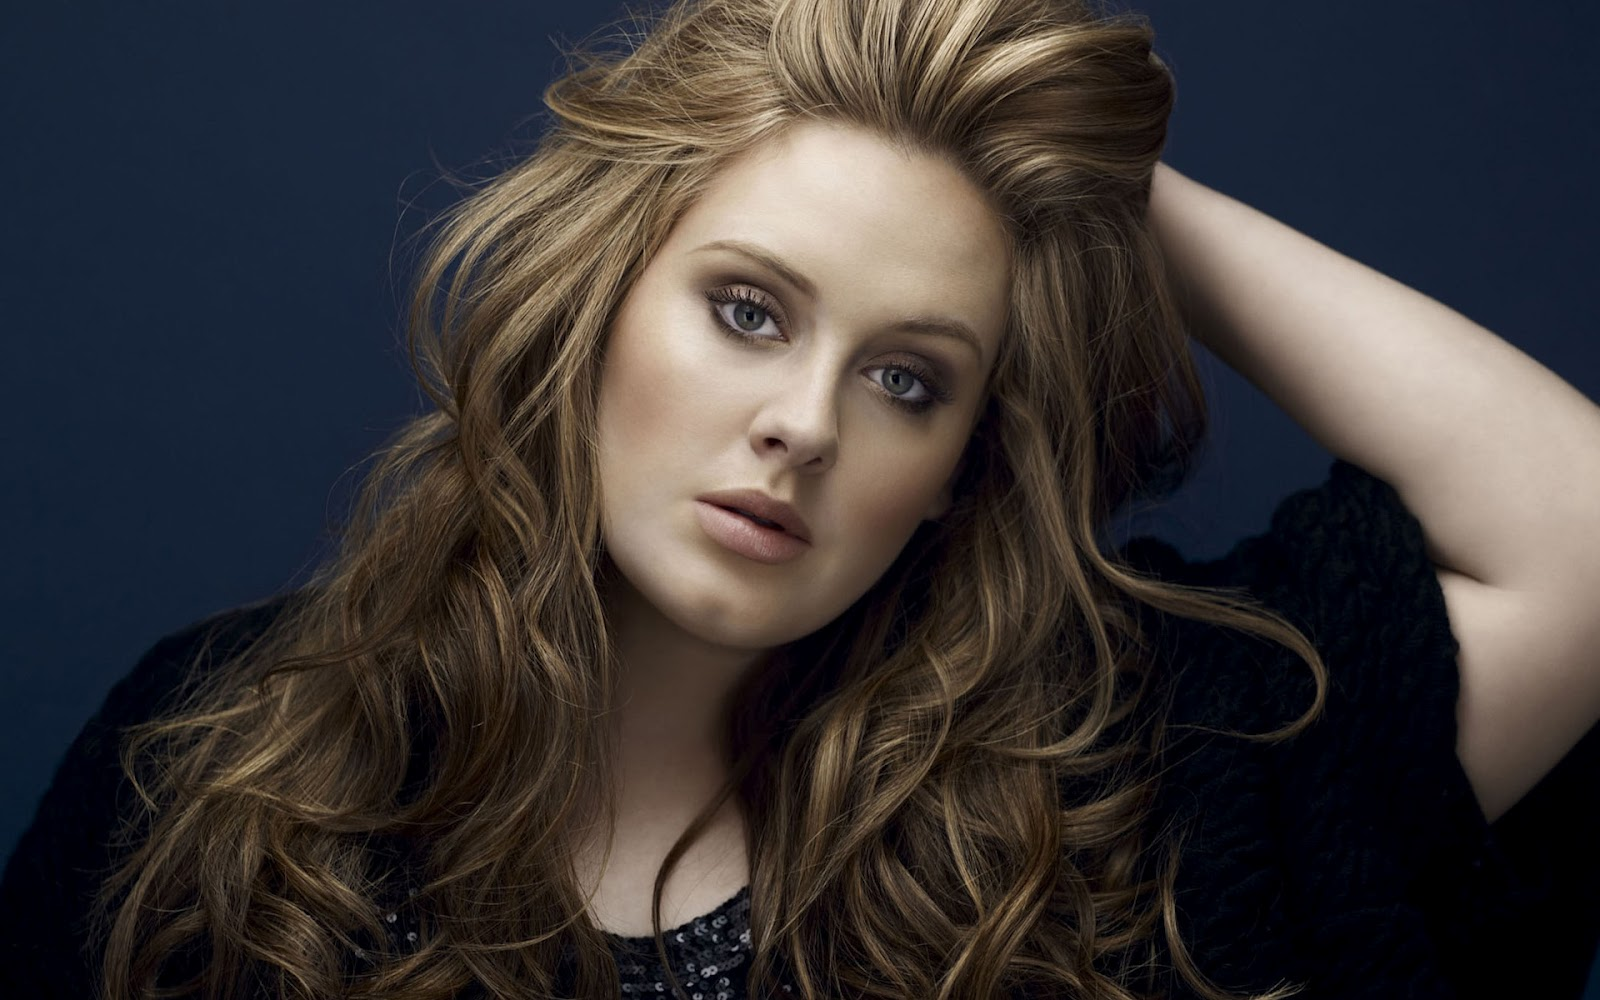 http://3.bp.blogspot.com/-Rw3-fYJqw8k/UYb1qBbBEPI/AAAAAAAAClA/yxWXOz4RZZU/s1600/Adele-RumorHasIt.jpg